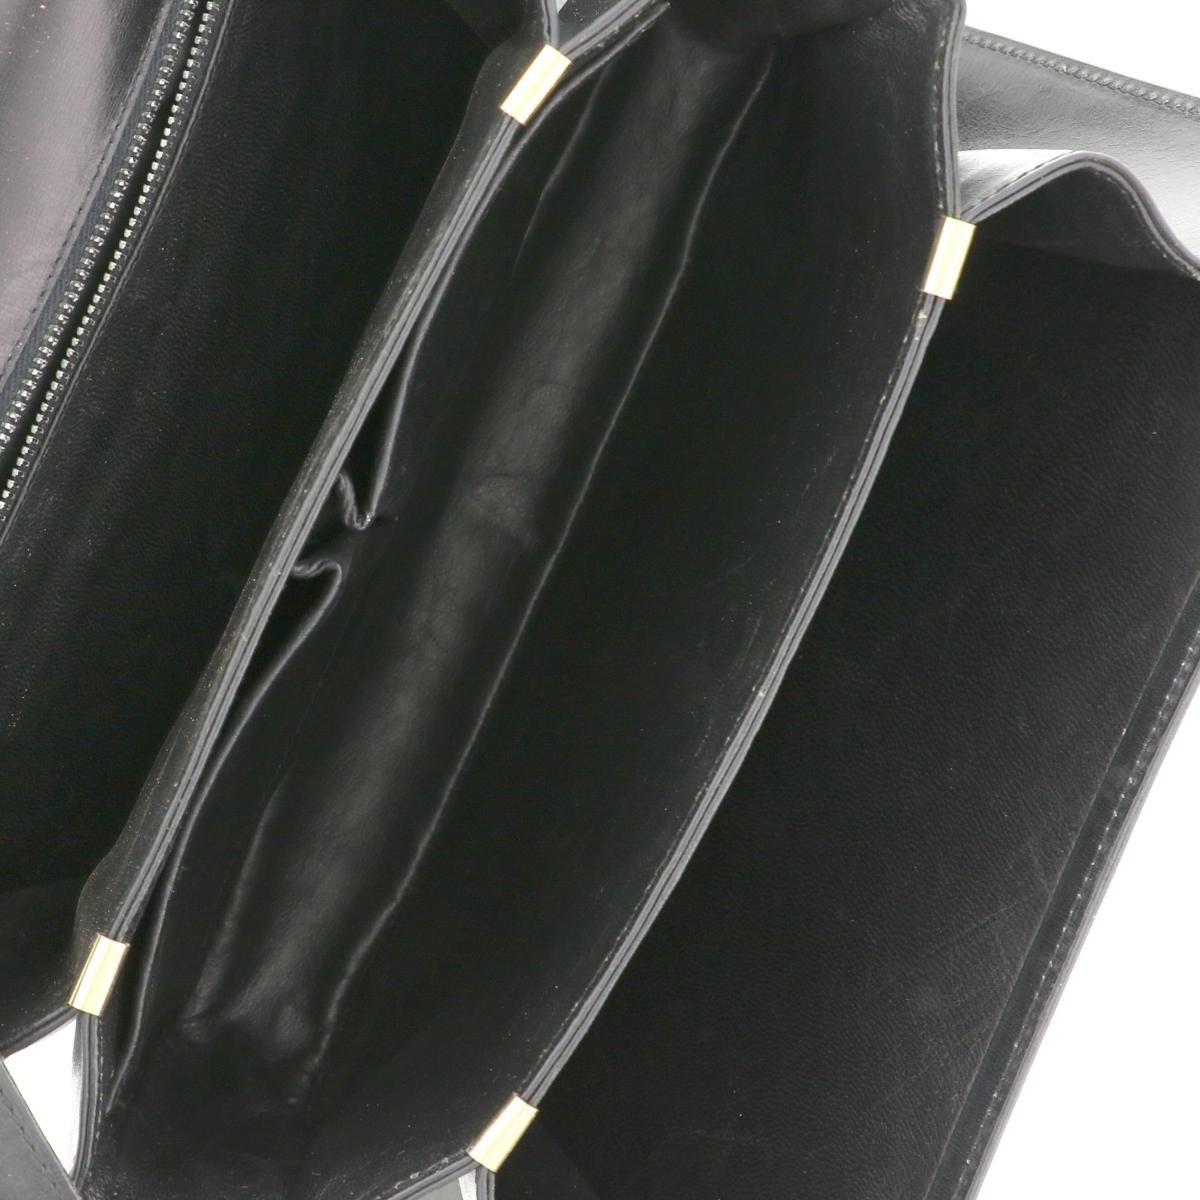 【中古】CELINE セリーヌ 馬車金具 ショルダーバッグ バッグ ショルダー/メッセンジャーバッグ Shoulder Bag Black/ブラック ヴィンテージ オールドセリーヌ used:B